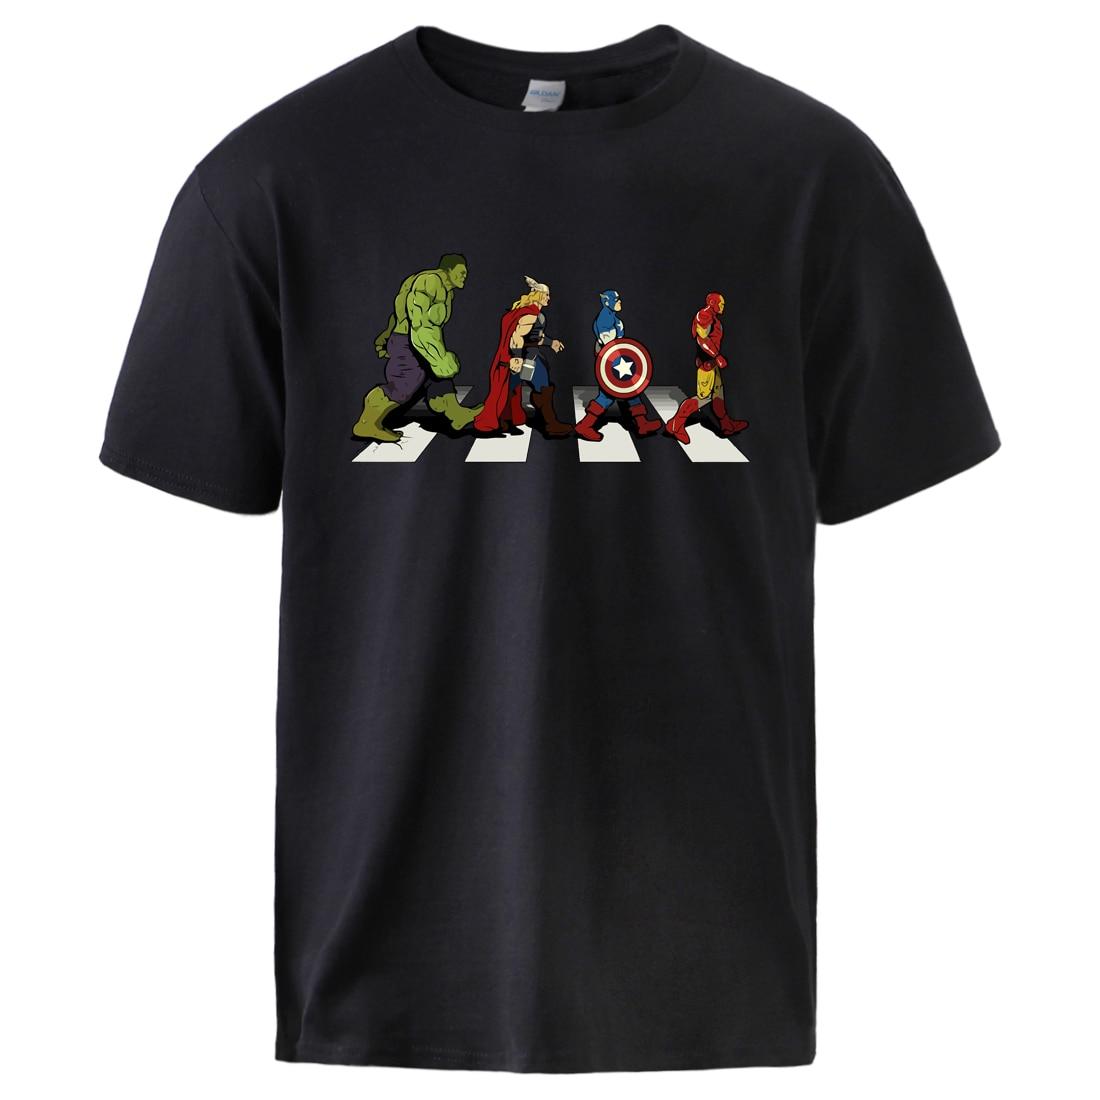 Супергерой футболки Мстители мужские летние топы Модные с коротким рукавом Повседневная Спортивная одежда крутой принт Человека-паука футболки плюс черный